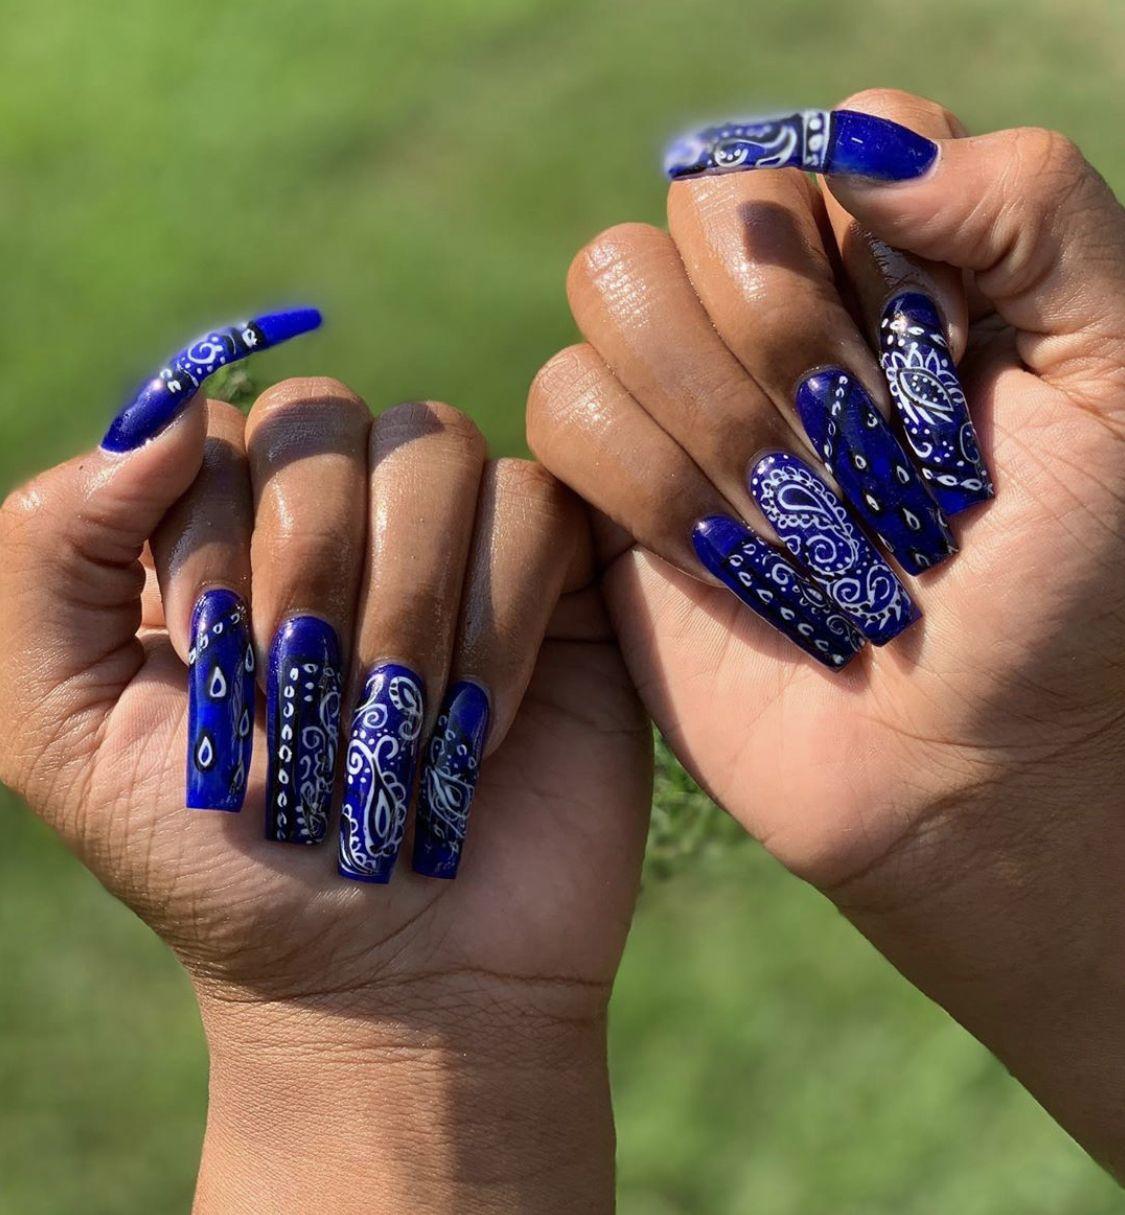 Pin By So Si On Nails Designs Bandana Nails Pretty Acrylic Nails Swag Nails